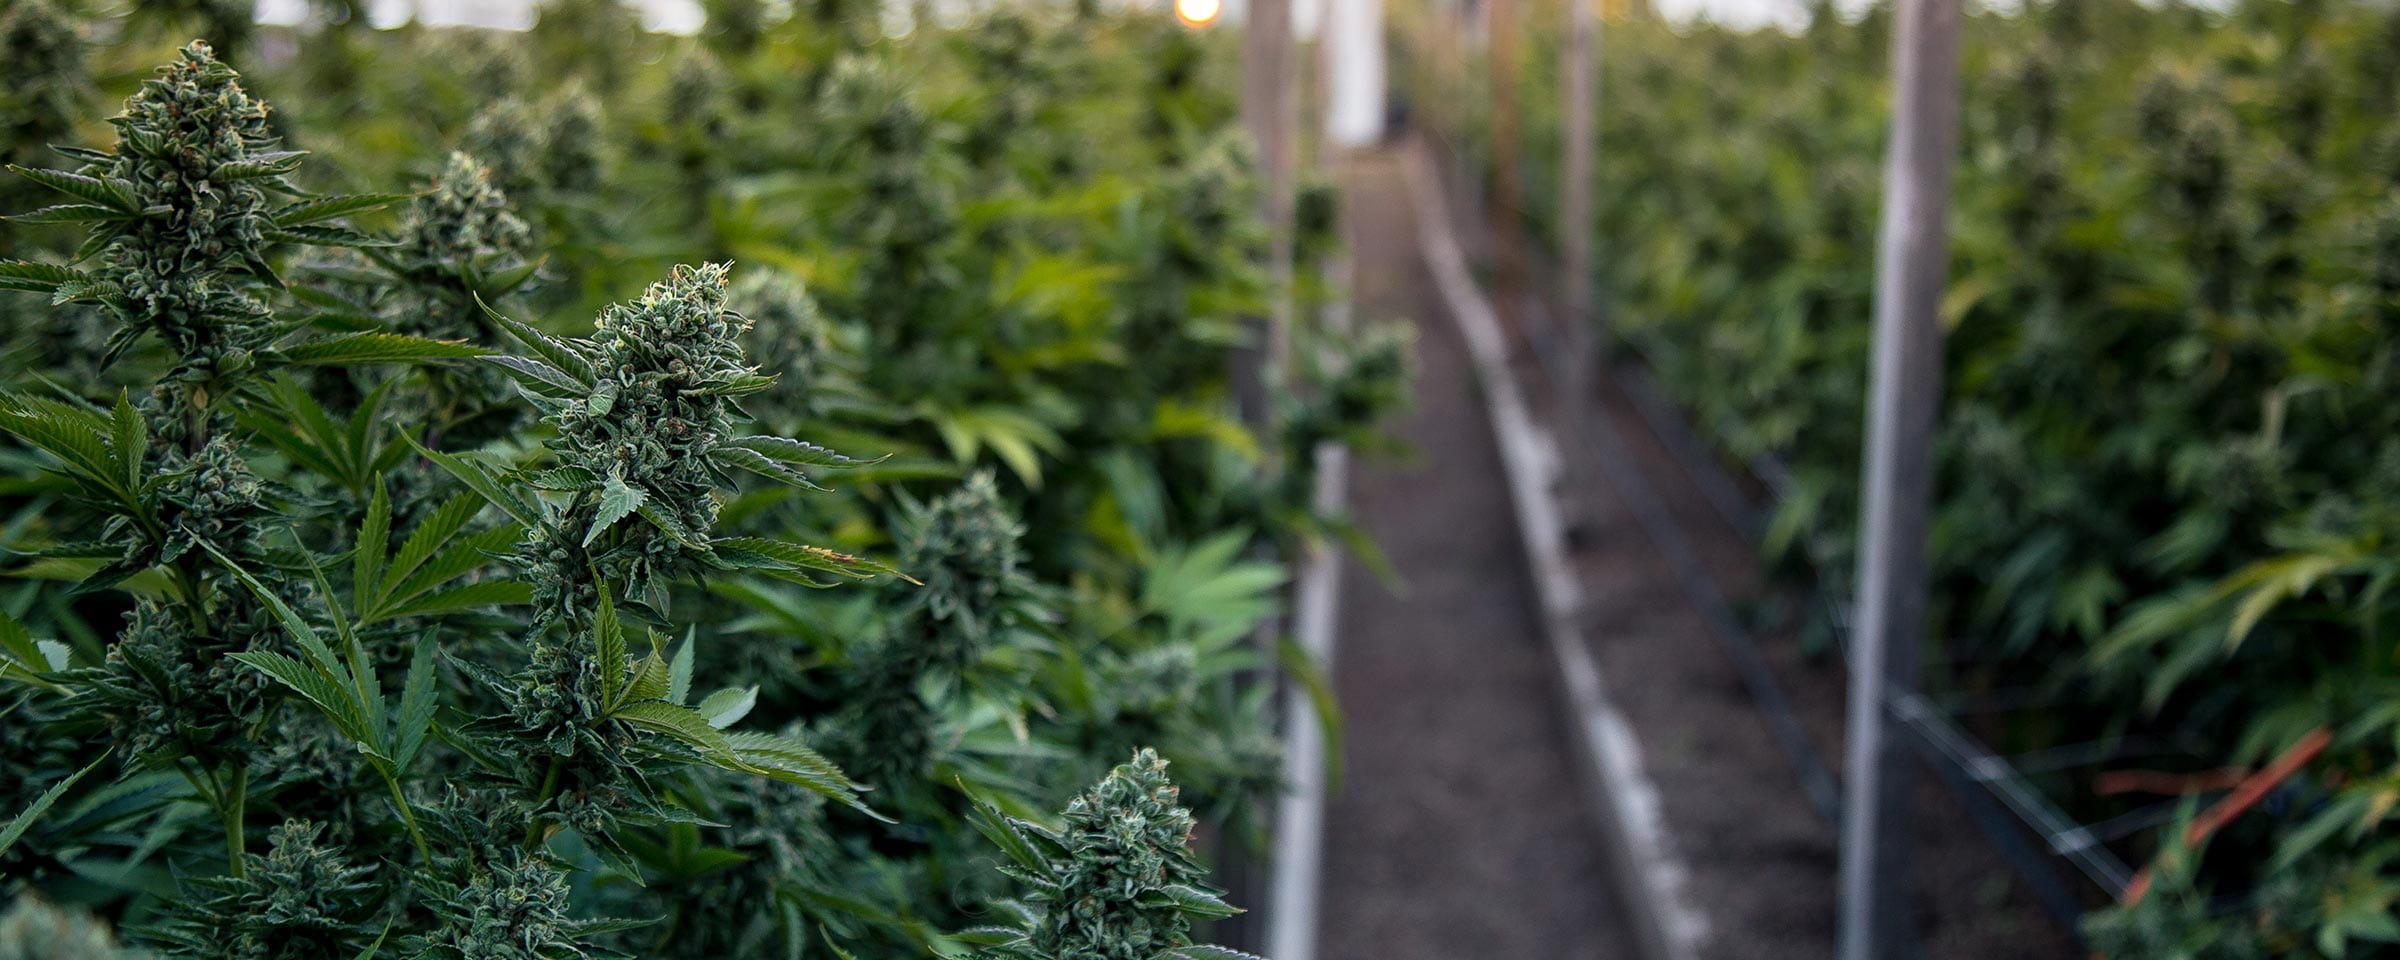 Cannabis production facility